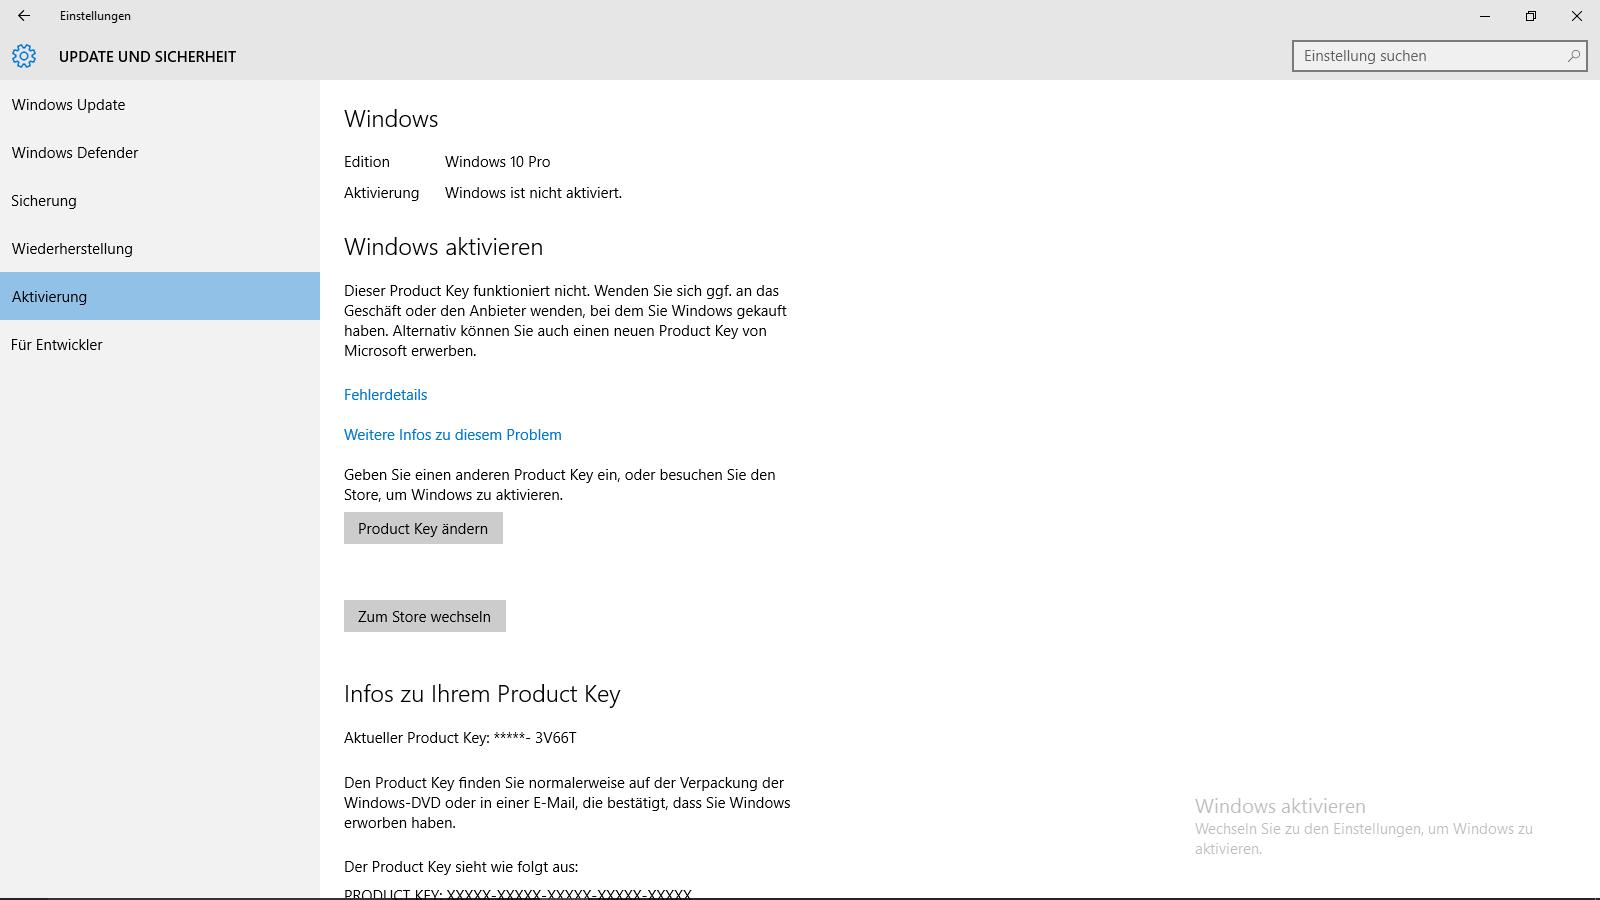 Windows 10 pro lässt sich nicht aktivieren